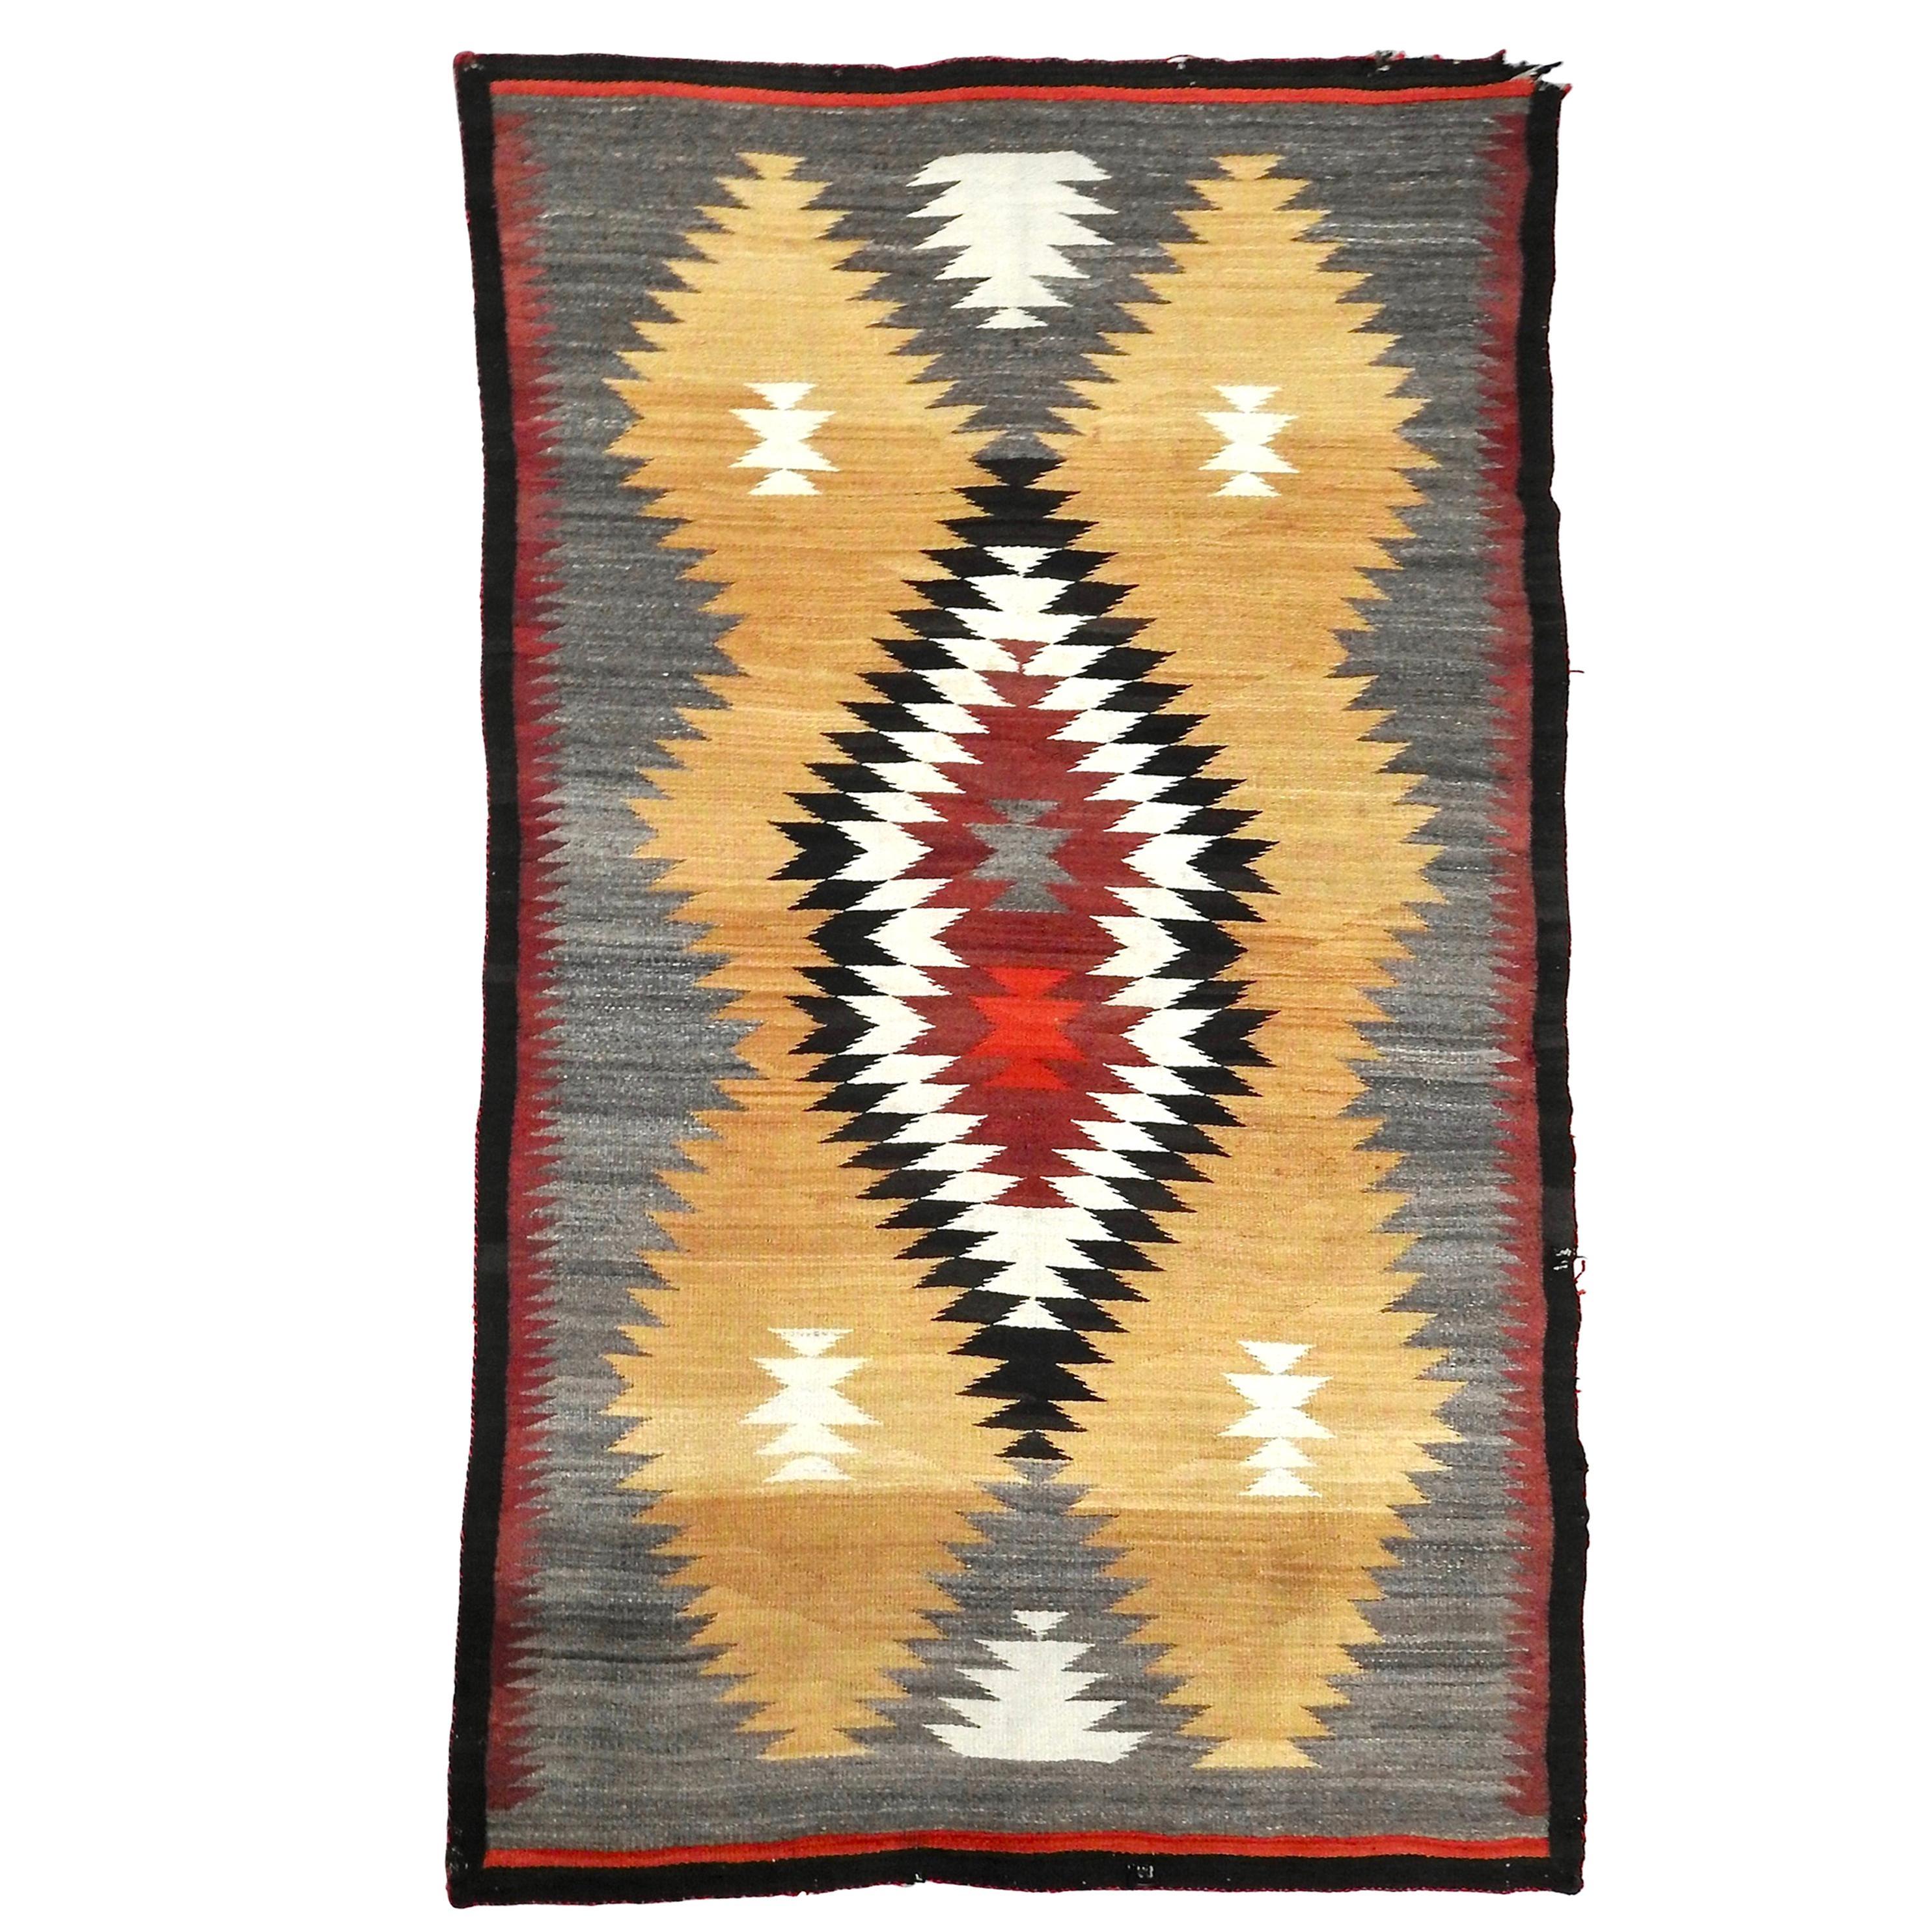 Navajo Eye Dazzler Woven Rug, circa 1940s